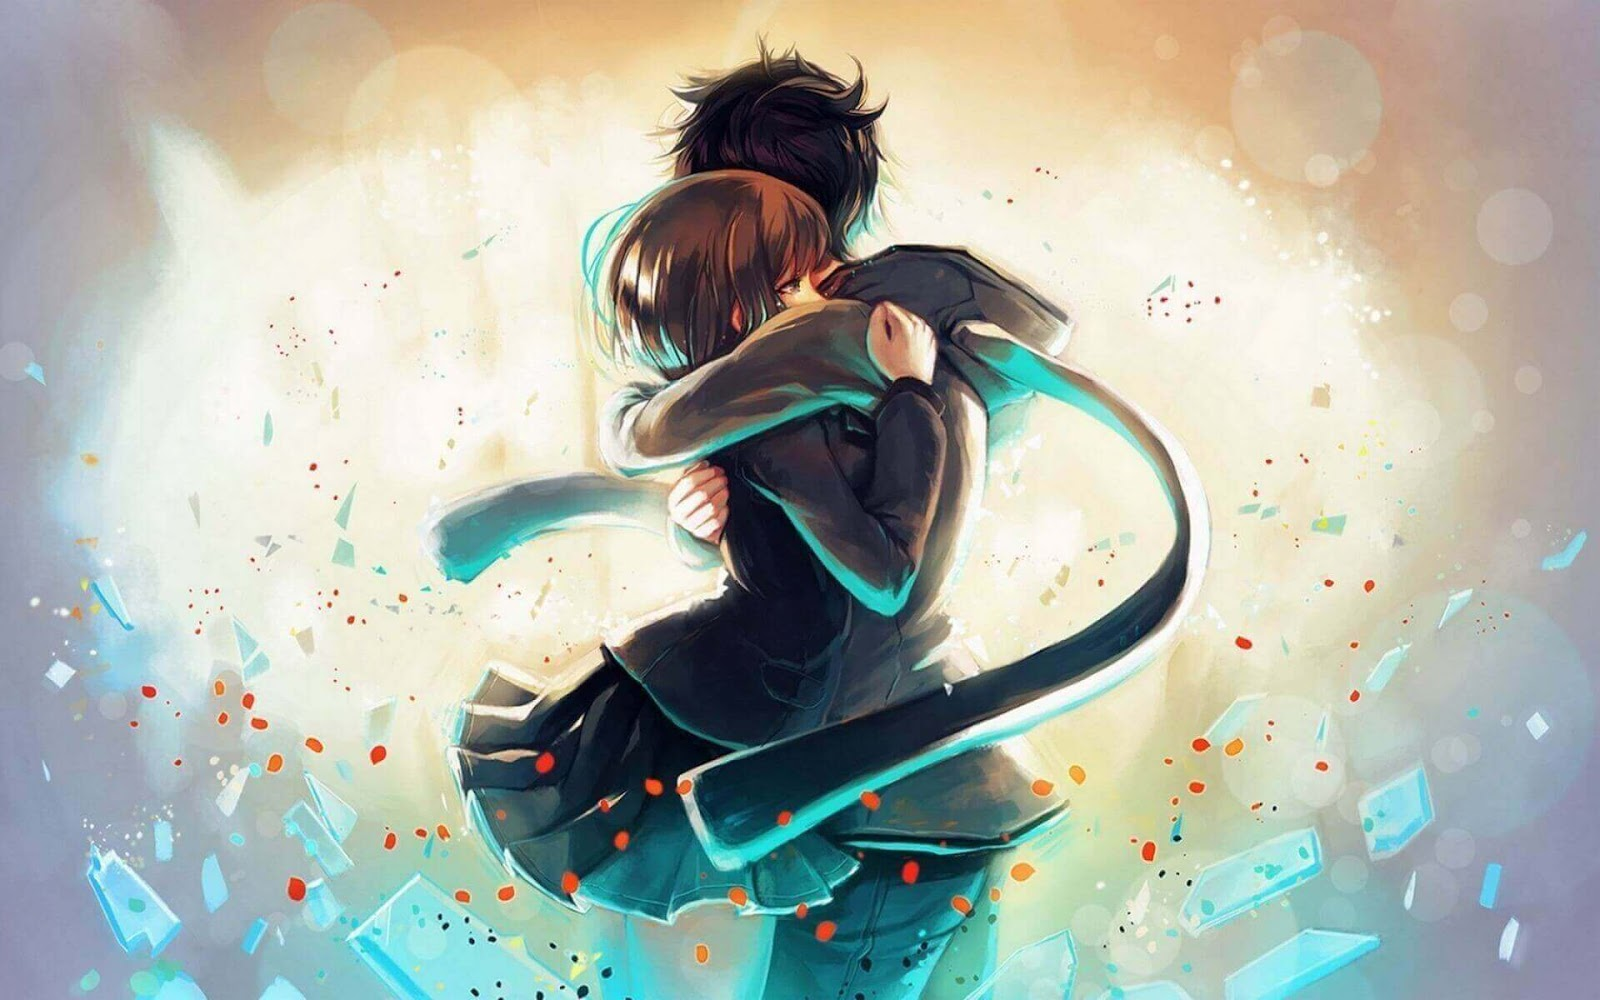 صورة دلالة على الحب الحقيقي بين الشاب والفتاة.